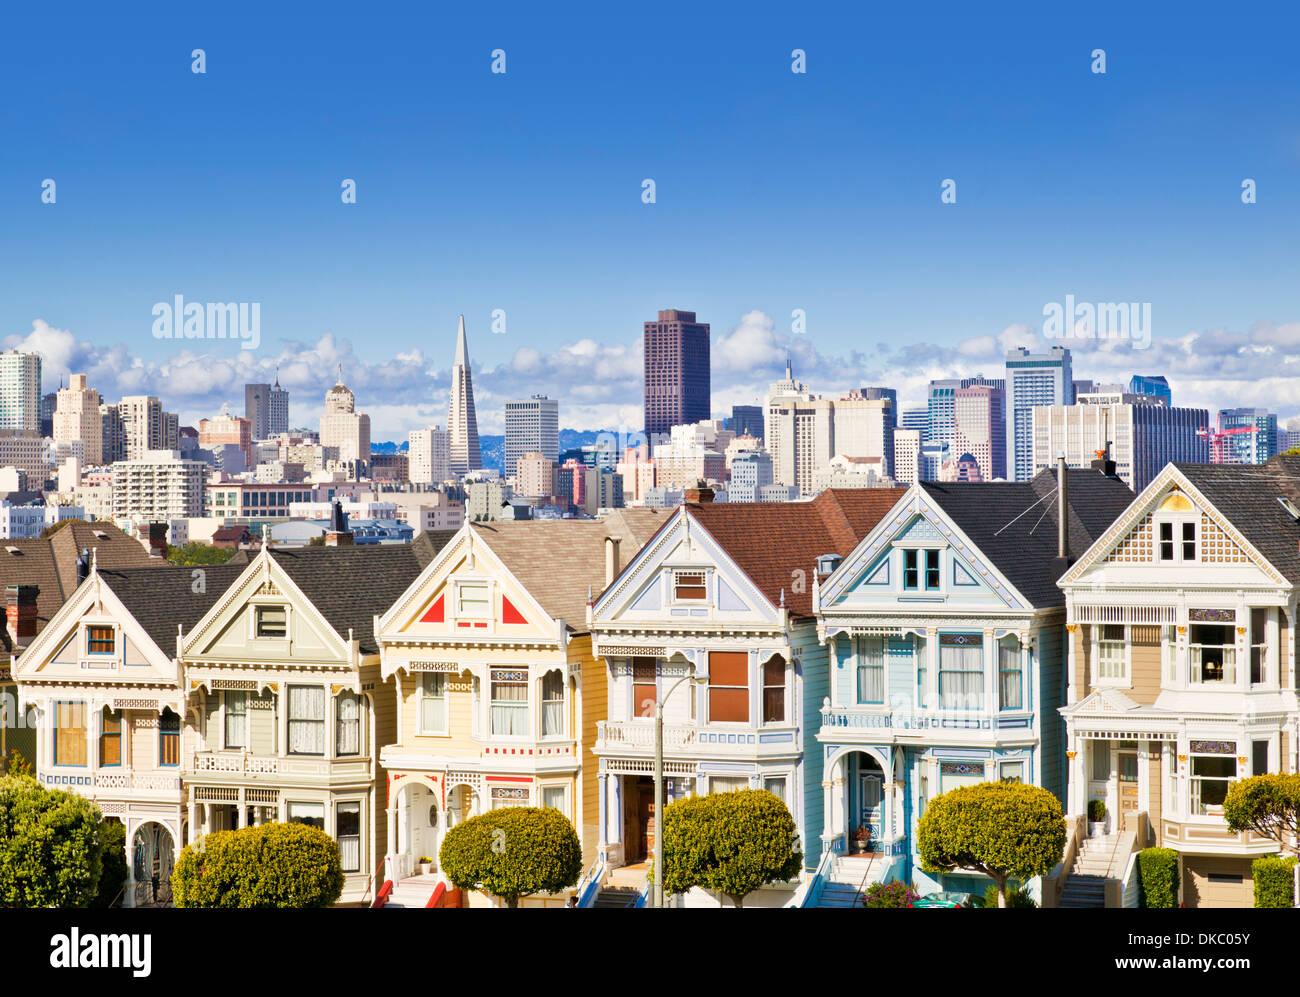 San Francisco Painted Ladies famoso ben mantenuto vecchie case in stile vittoriano su Alamo Square San Francisco California USA Immagini Stock